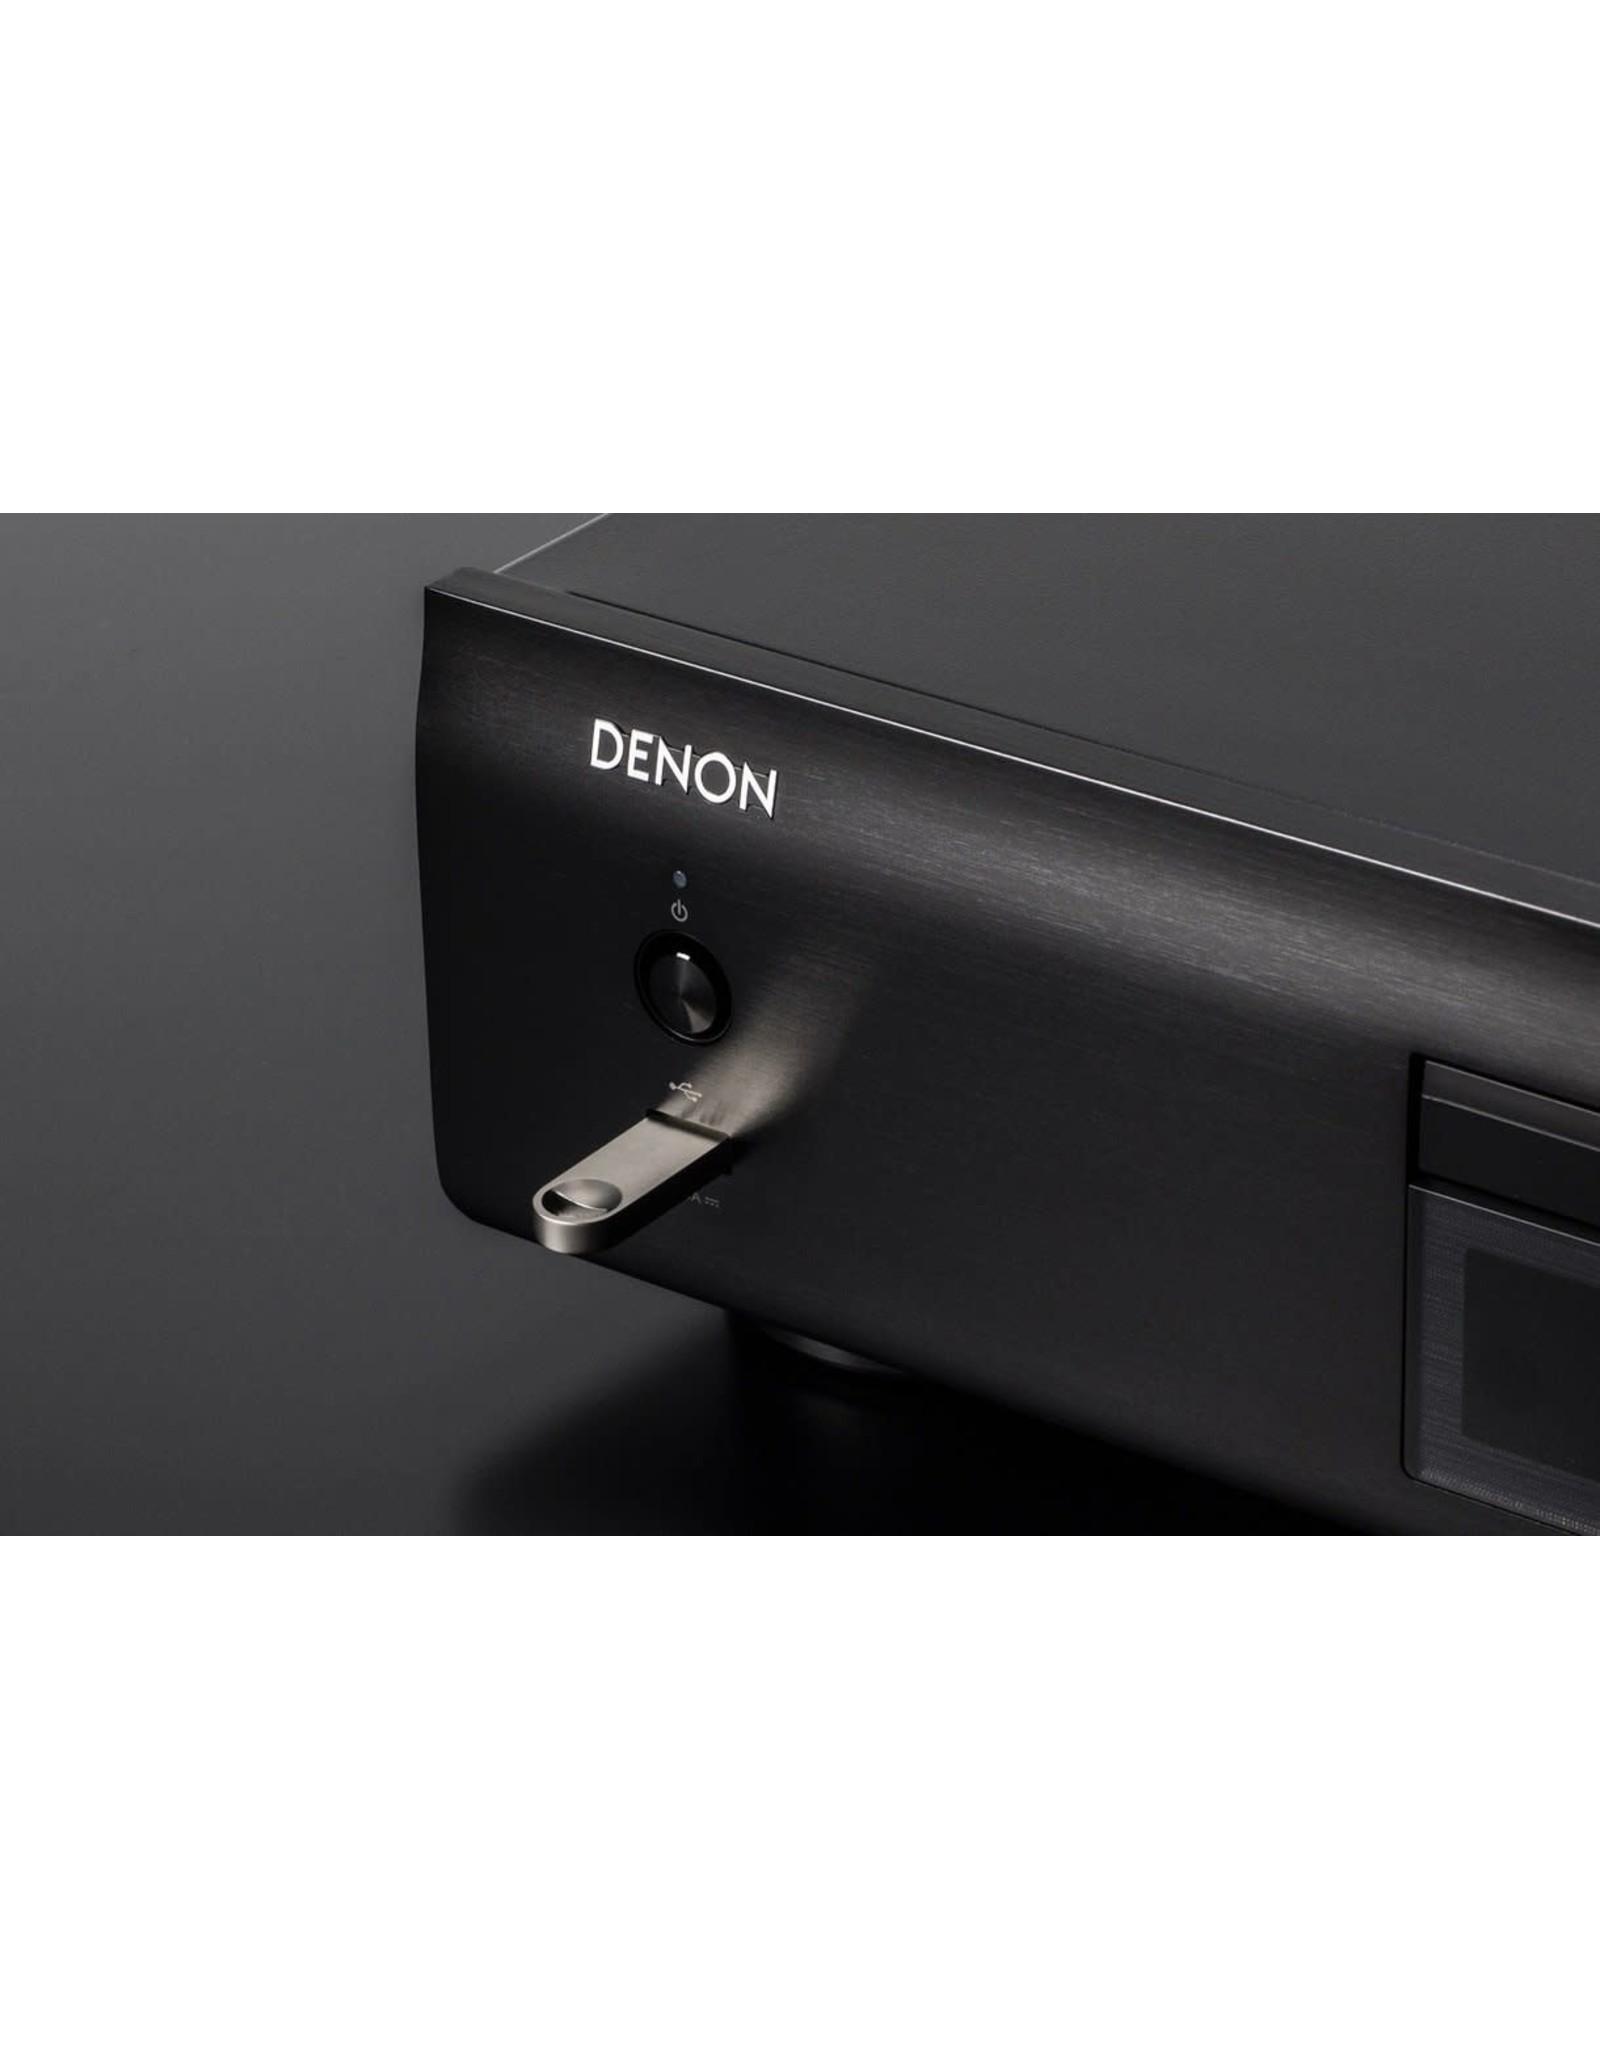 Denon Denon DCD-800NE CD Player